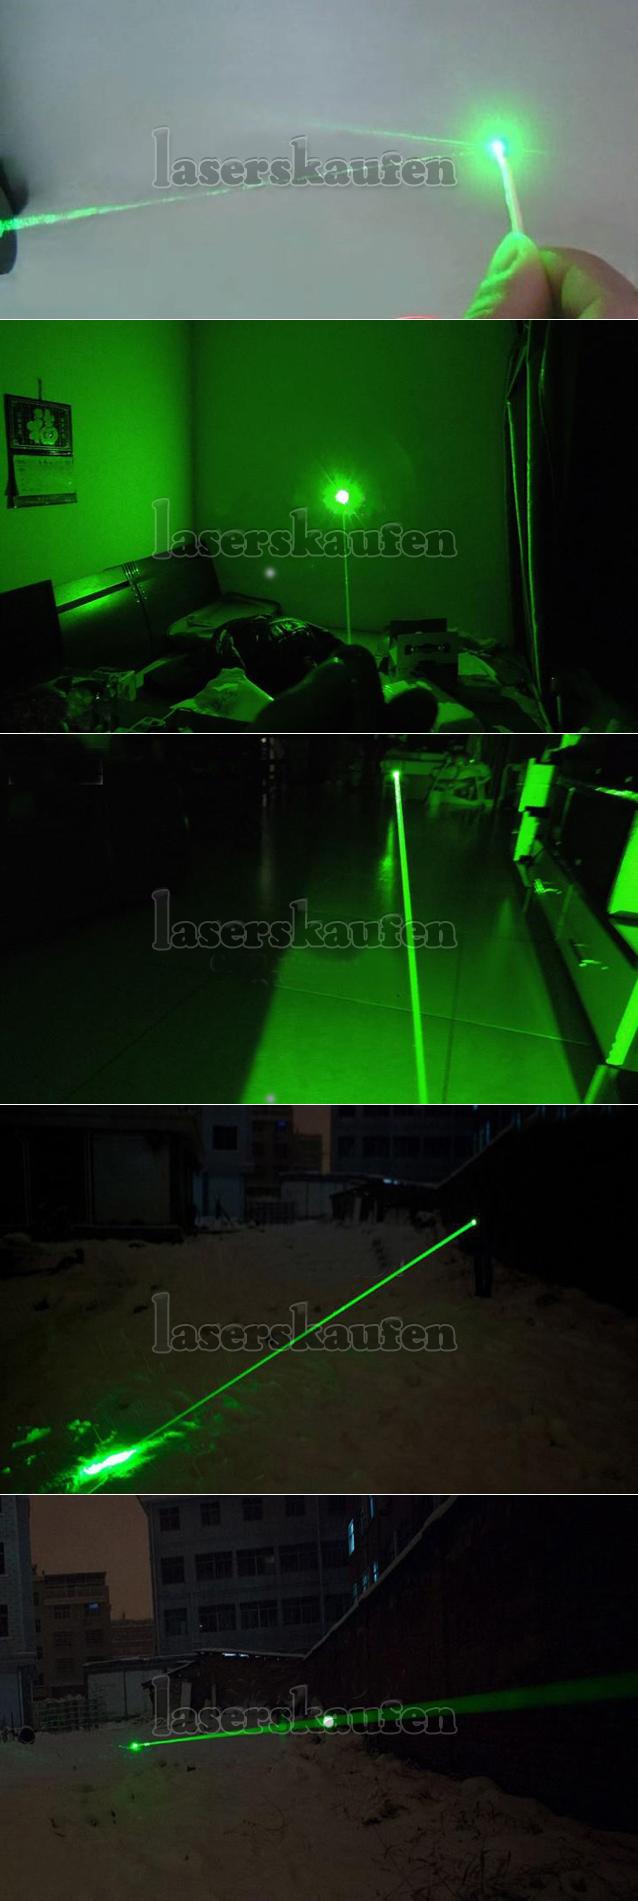 Hohe Leistung Laserpointer 1000mW